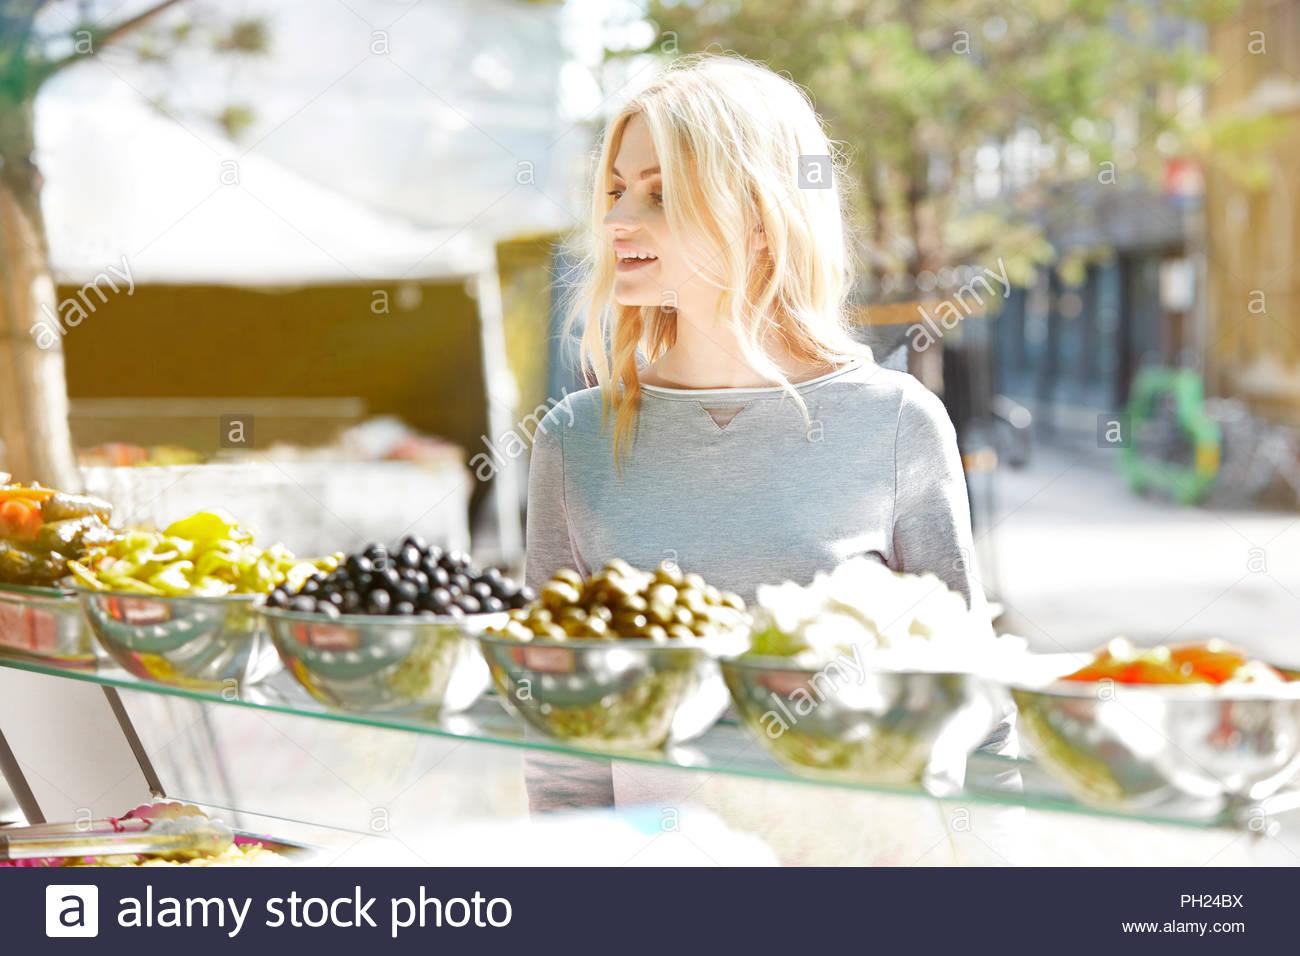 Mujer joven compras en snack stand. Imagen De Stock